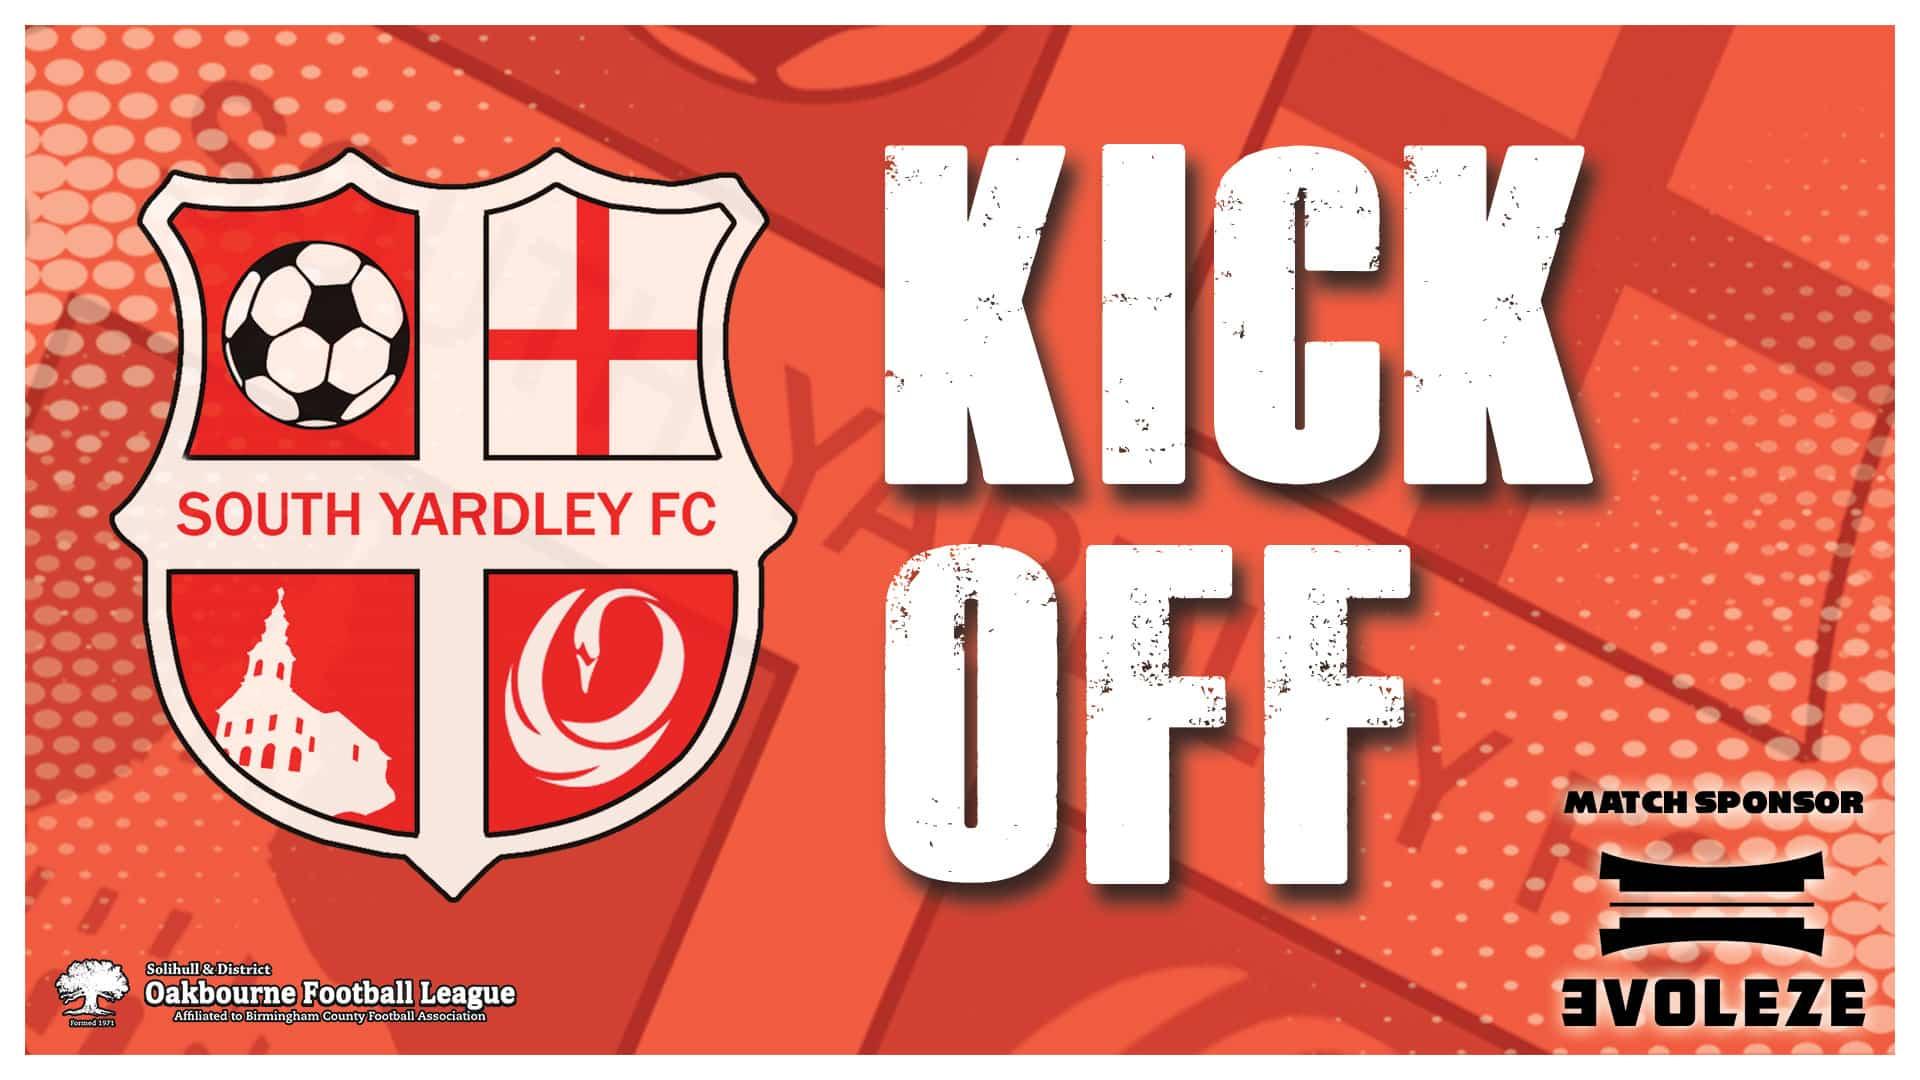 kick off South Yardley FC